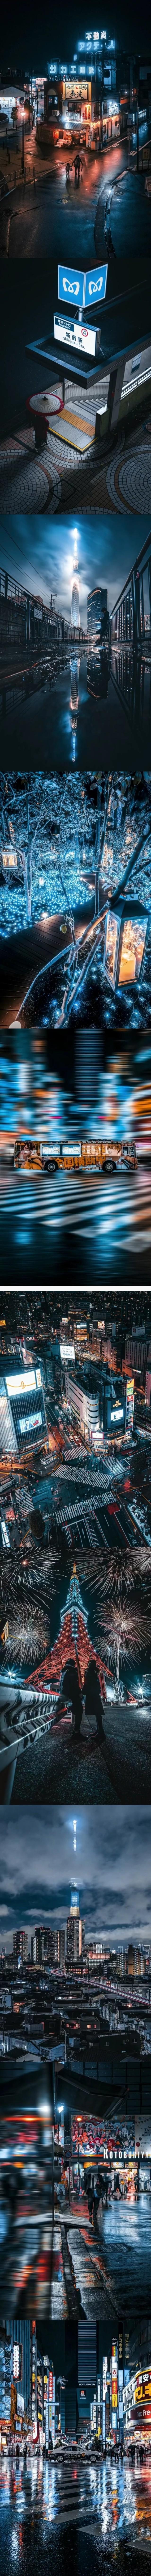 [유머] 도쿄 특유의 감성 -  와이드섬